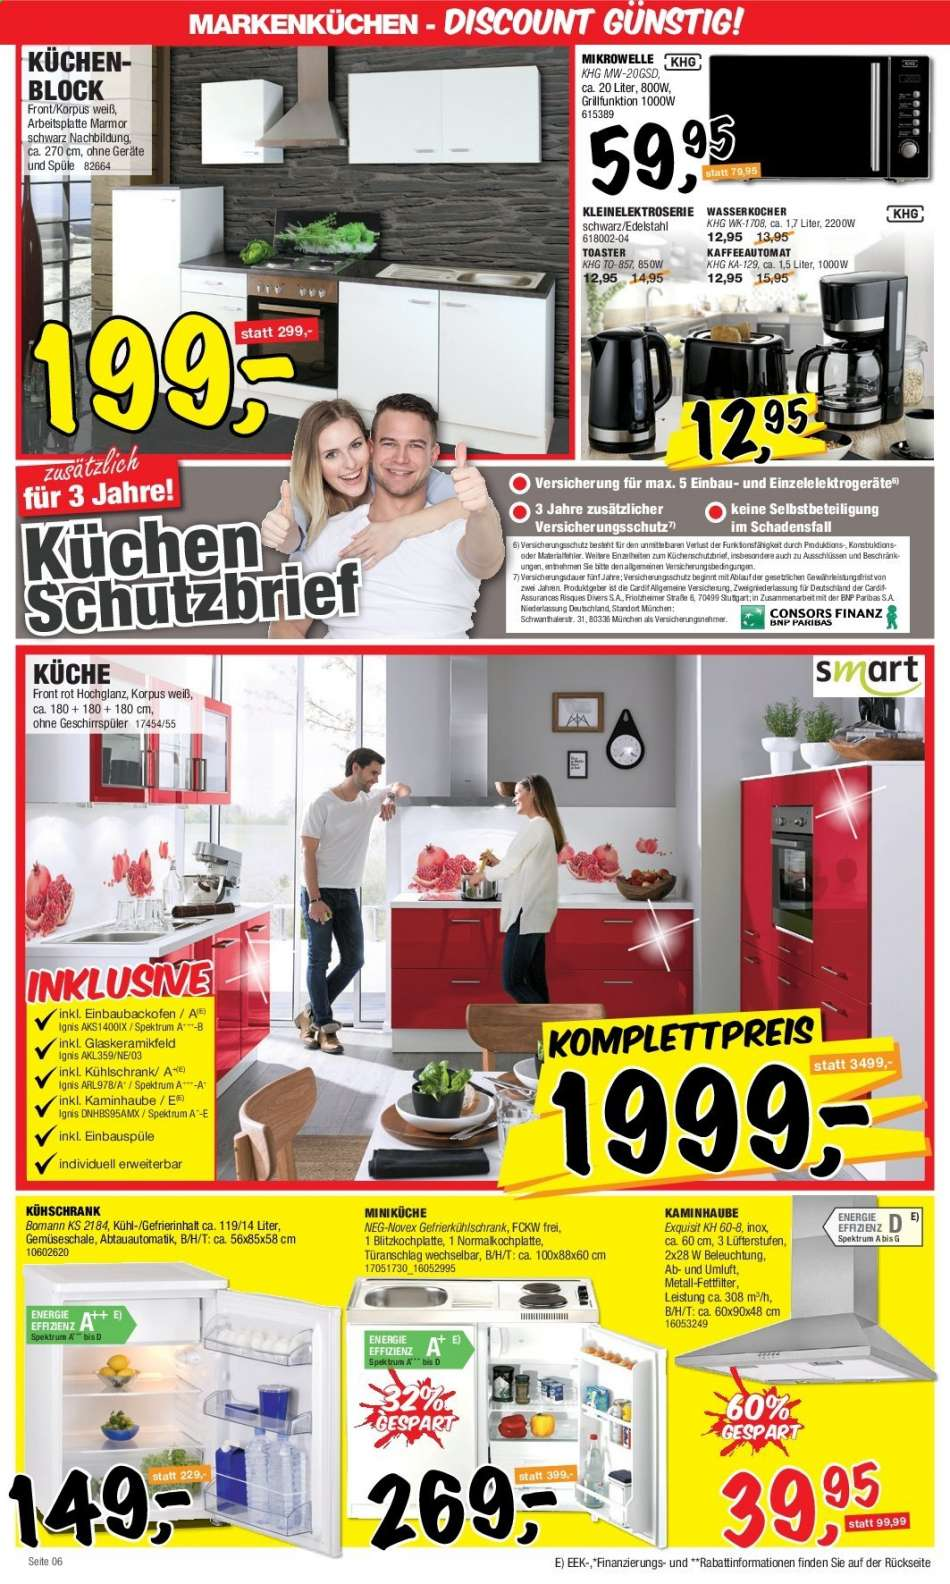 Full Size of Sconto Aktuelles Prospekt 21102019 4112019 Rabatt Kompassde Küchen Regal Wohnzimmer Sconto Küchen